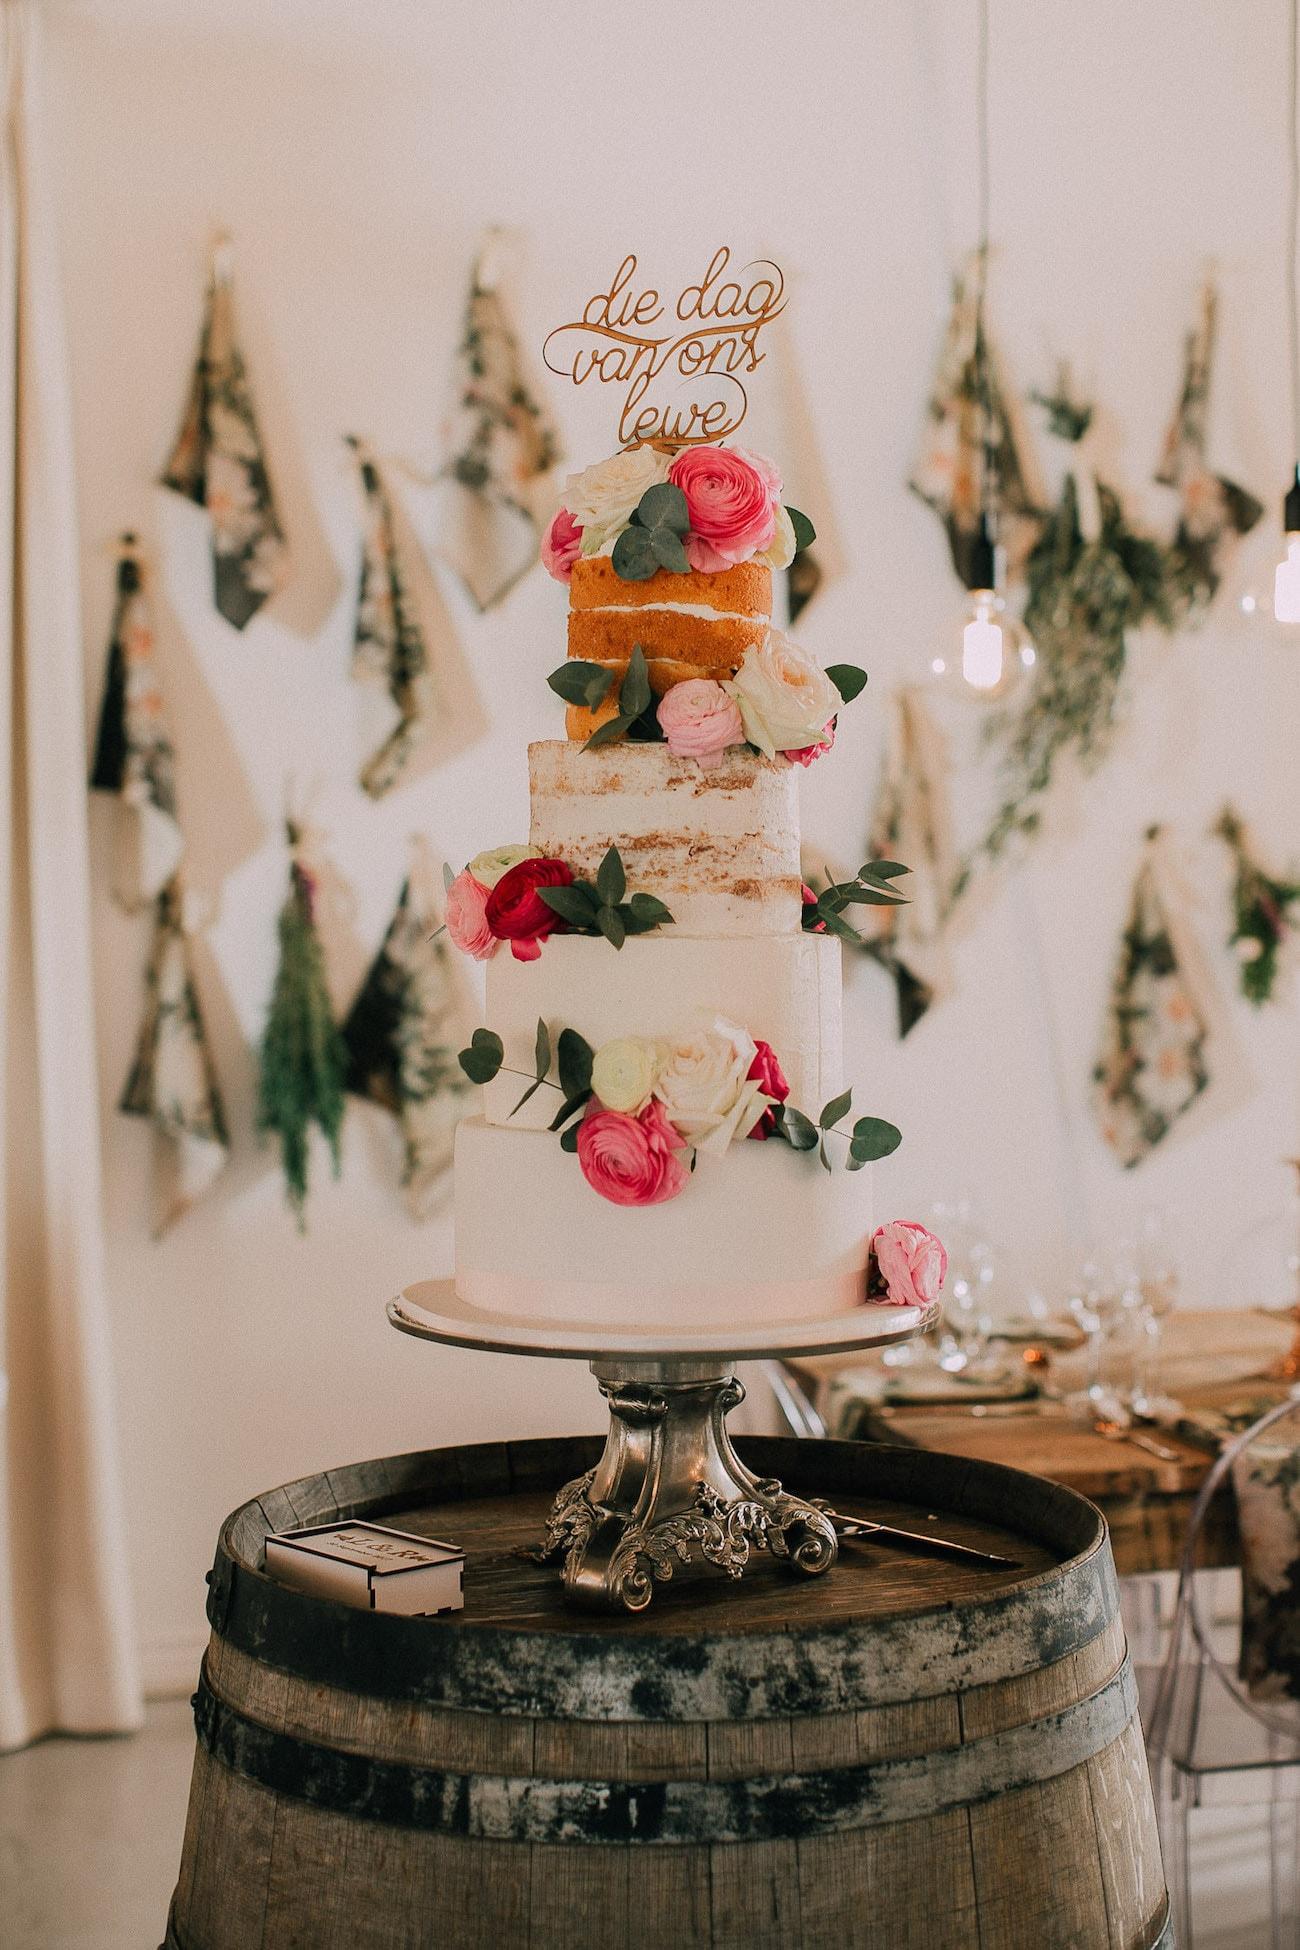 Semi Naked Wedding Cake | Image: Michelle du Toit